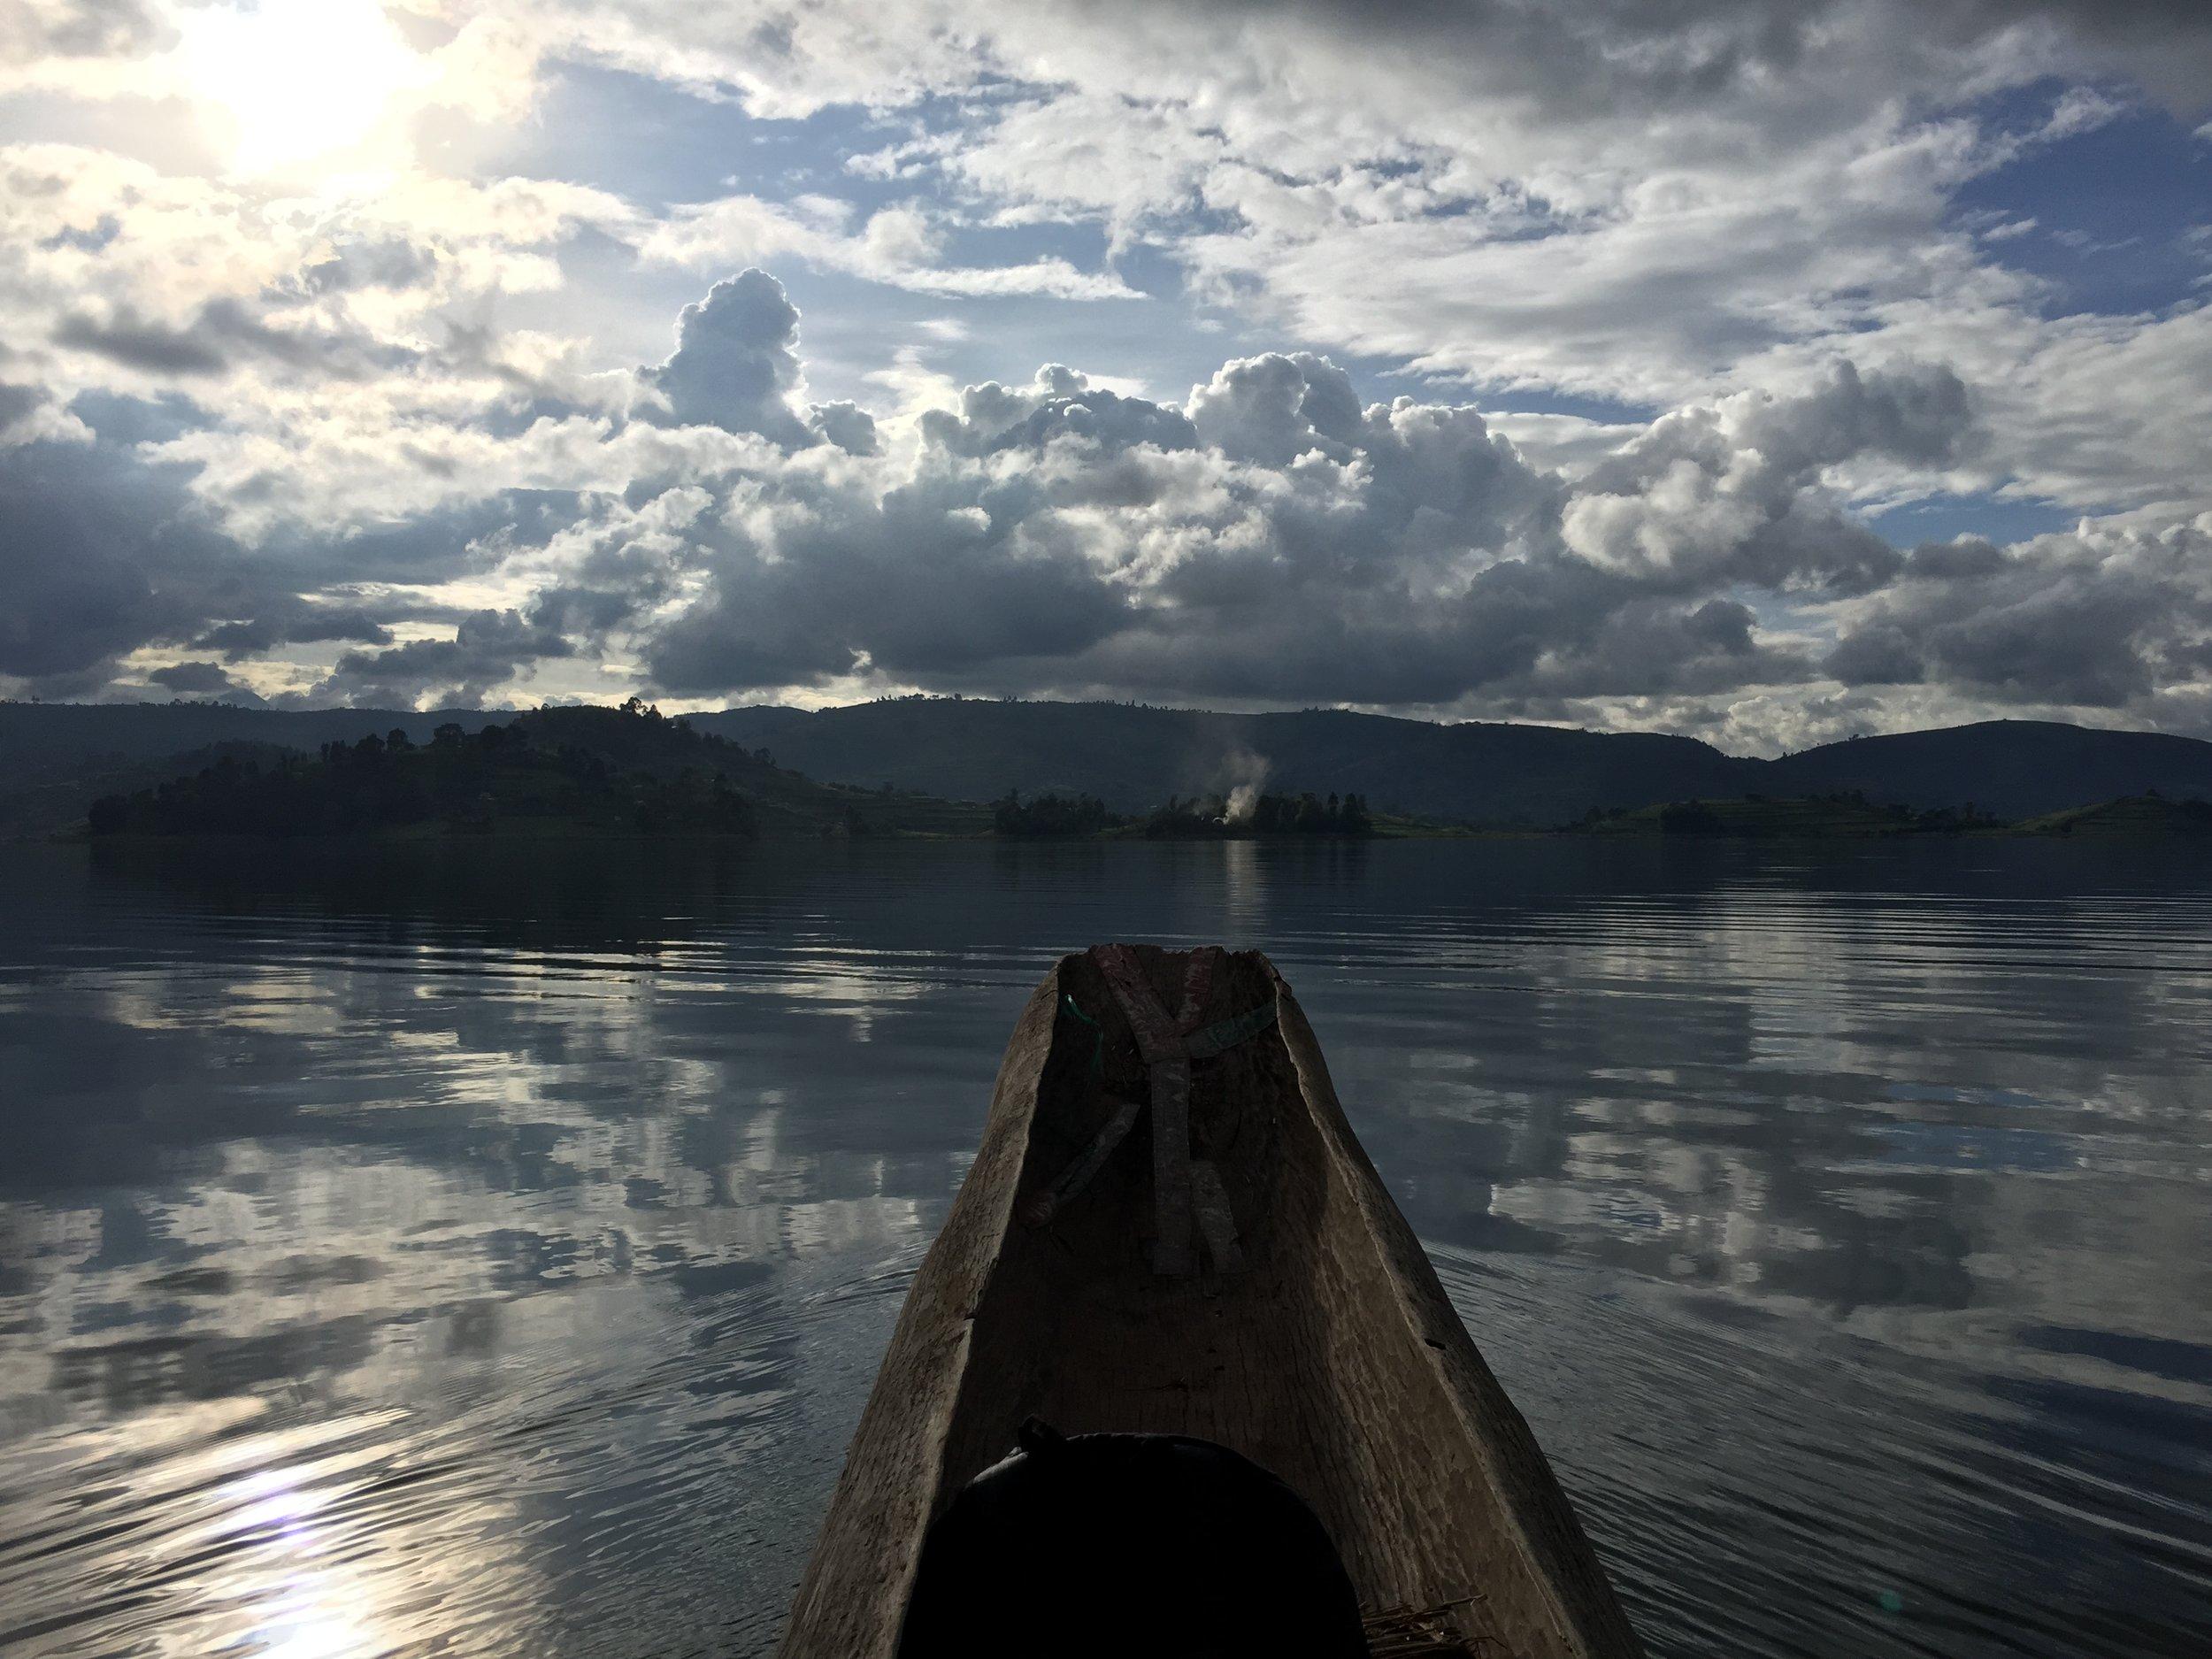 American in the boat in Uganda